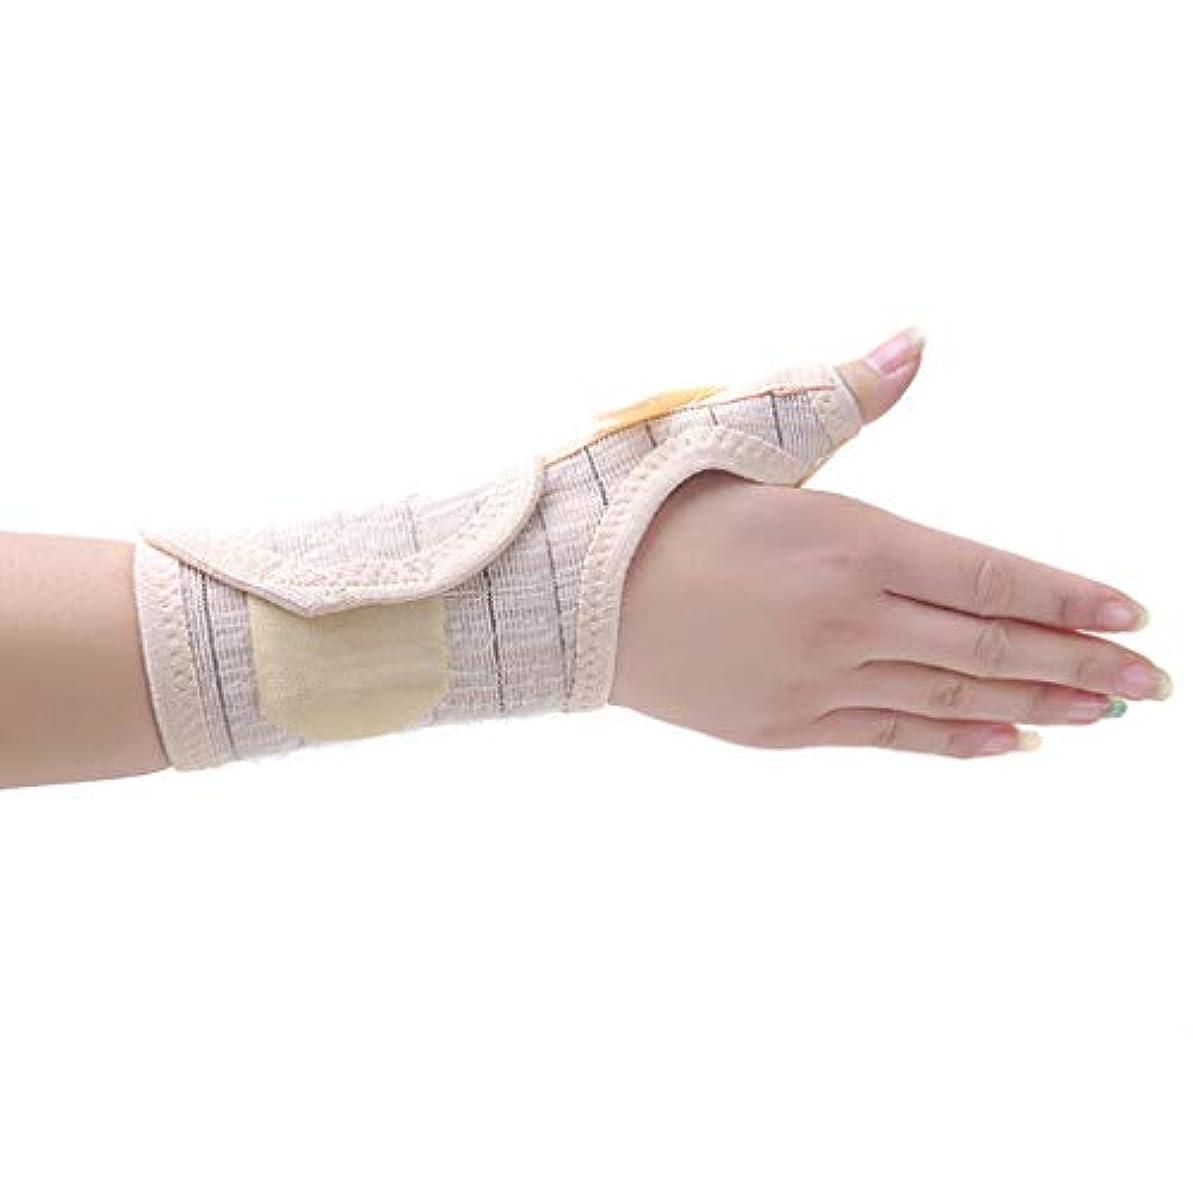 どこドラマ便利さ手首のストラップ、ワンサイズ、ハンドサポート、左手/右手、手首を保護、腿を捻挫、手首をサポート、手根管、関節炎。